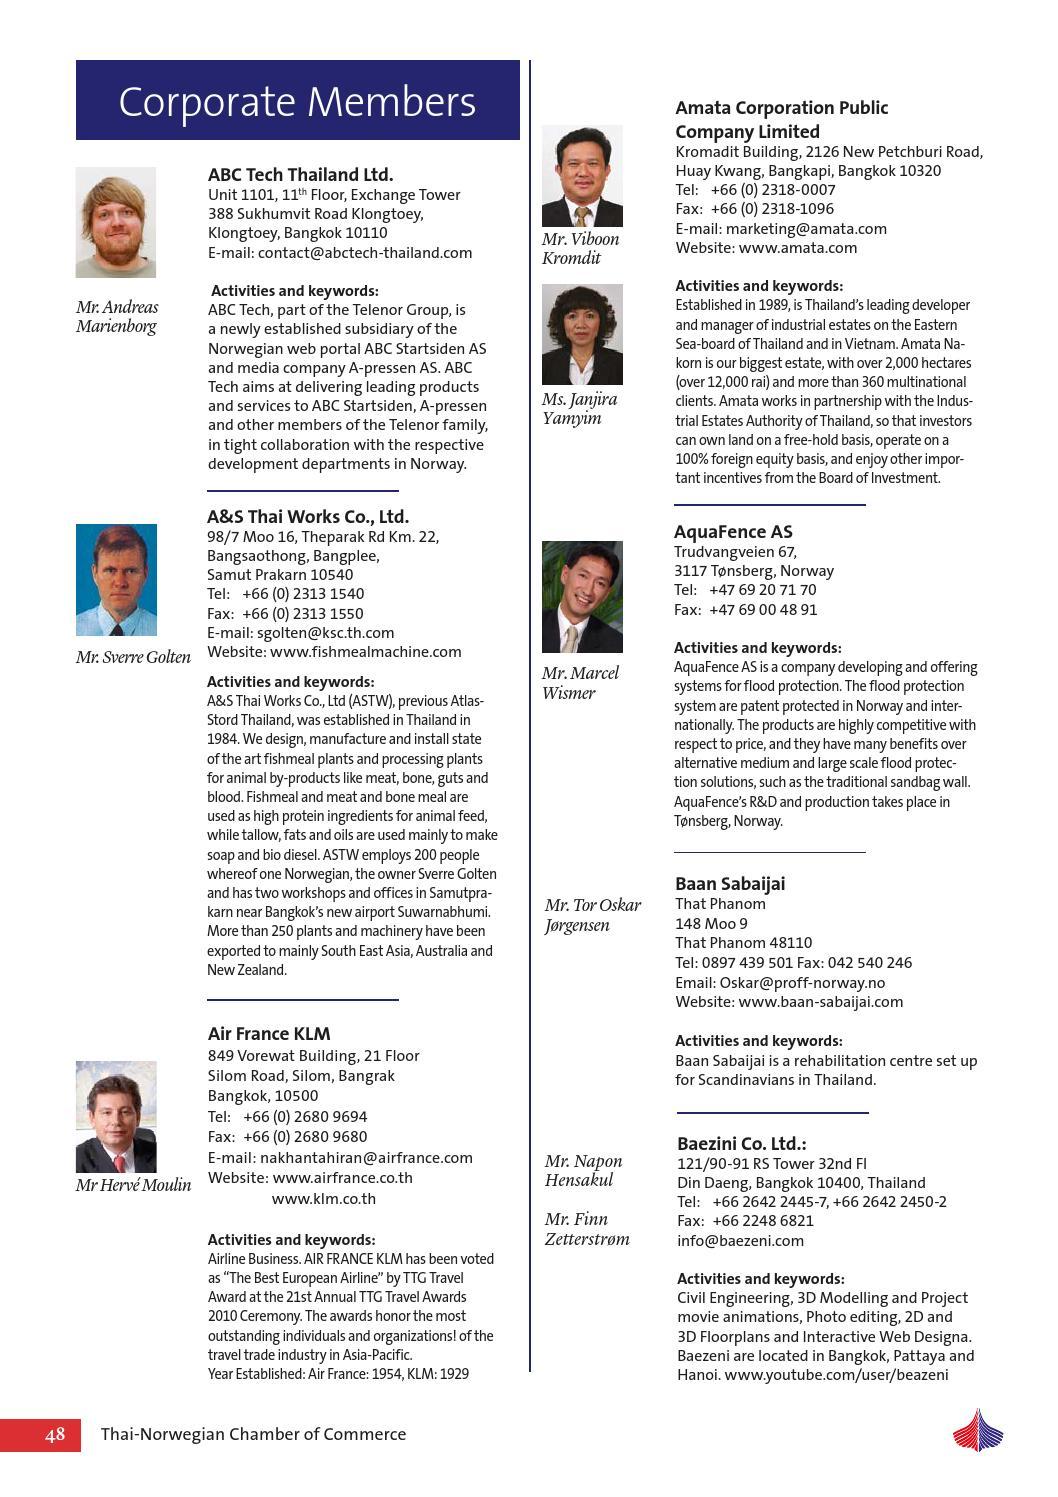 Thai-Norwegian Business Review 2-2013 by Thai-Norwegian Chamber of